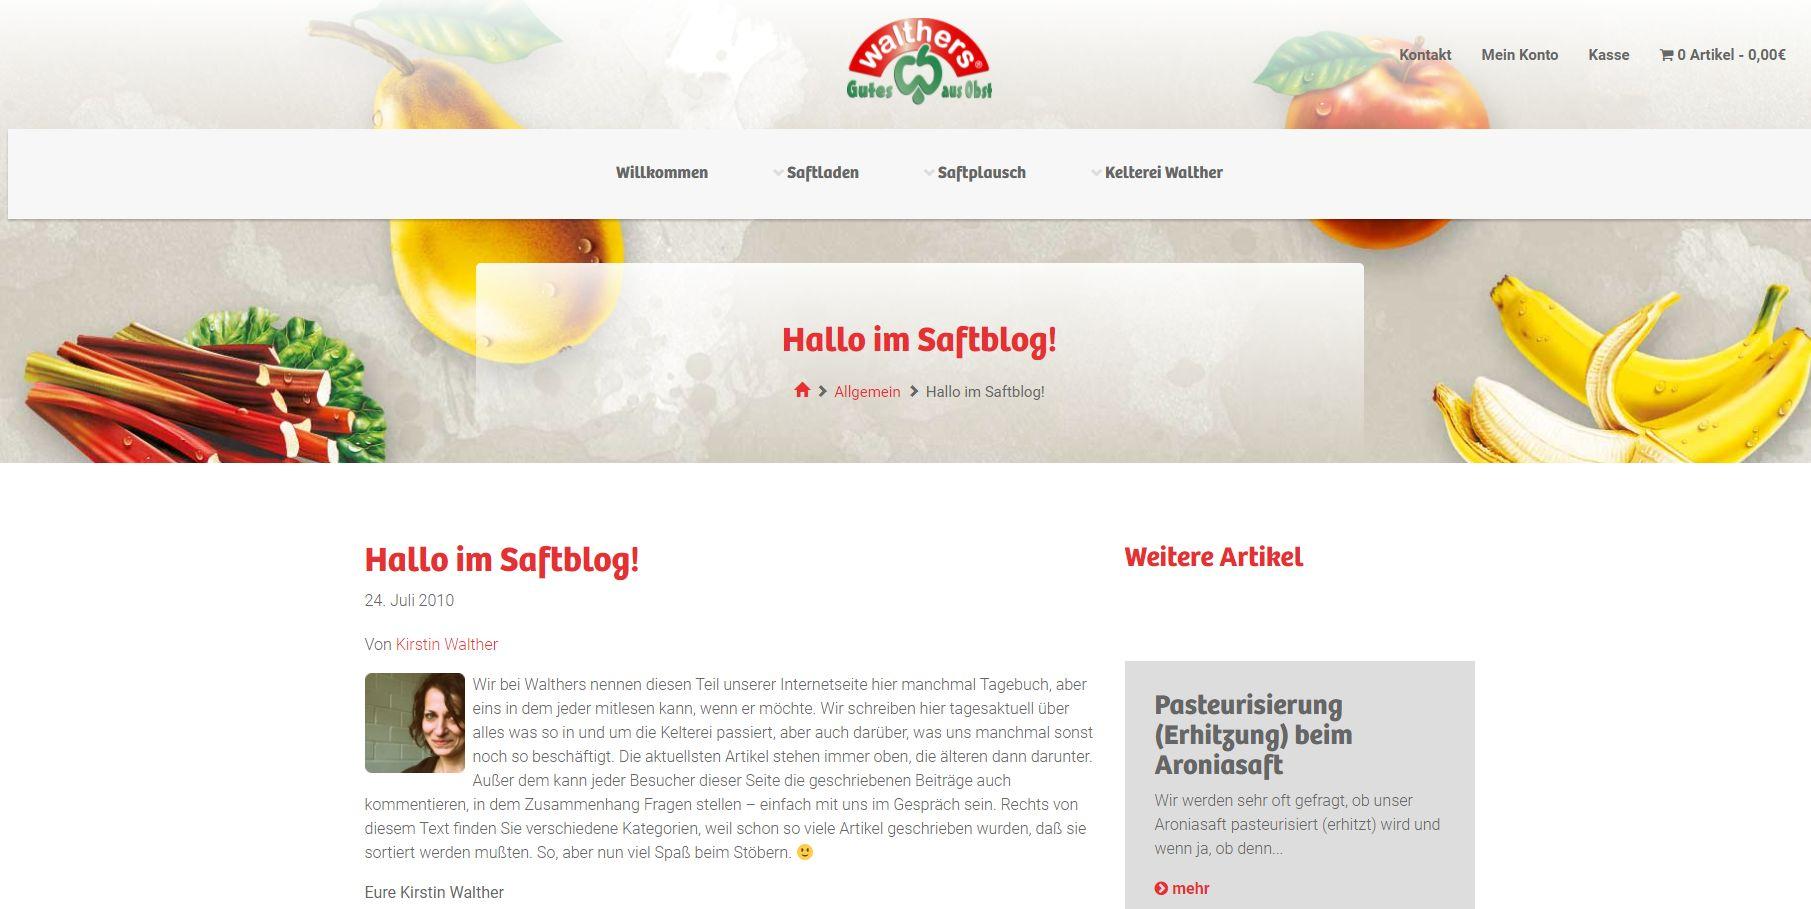 Das Saftblog - eines der wenigen erfolgreichen Unternehmens-Blogs; hat immerhin bis 2010 überlebt